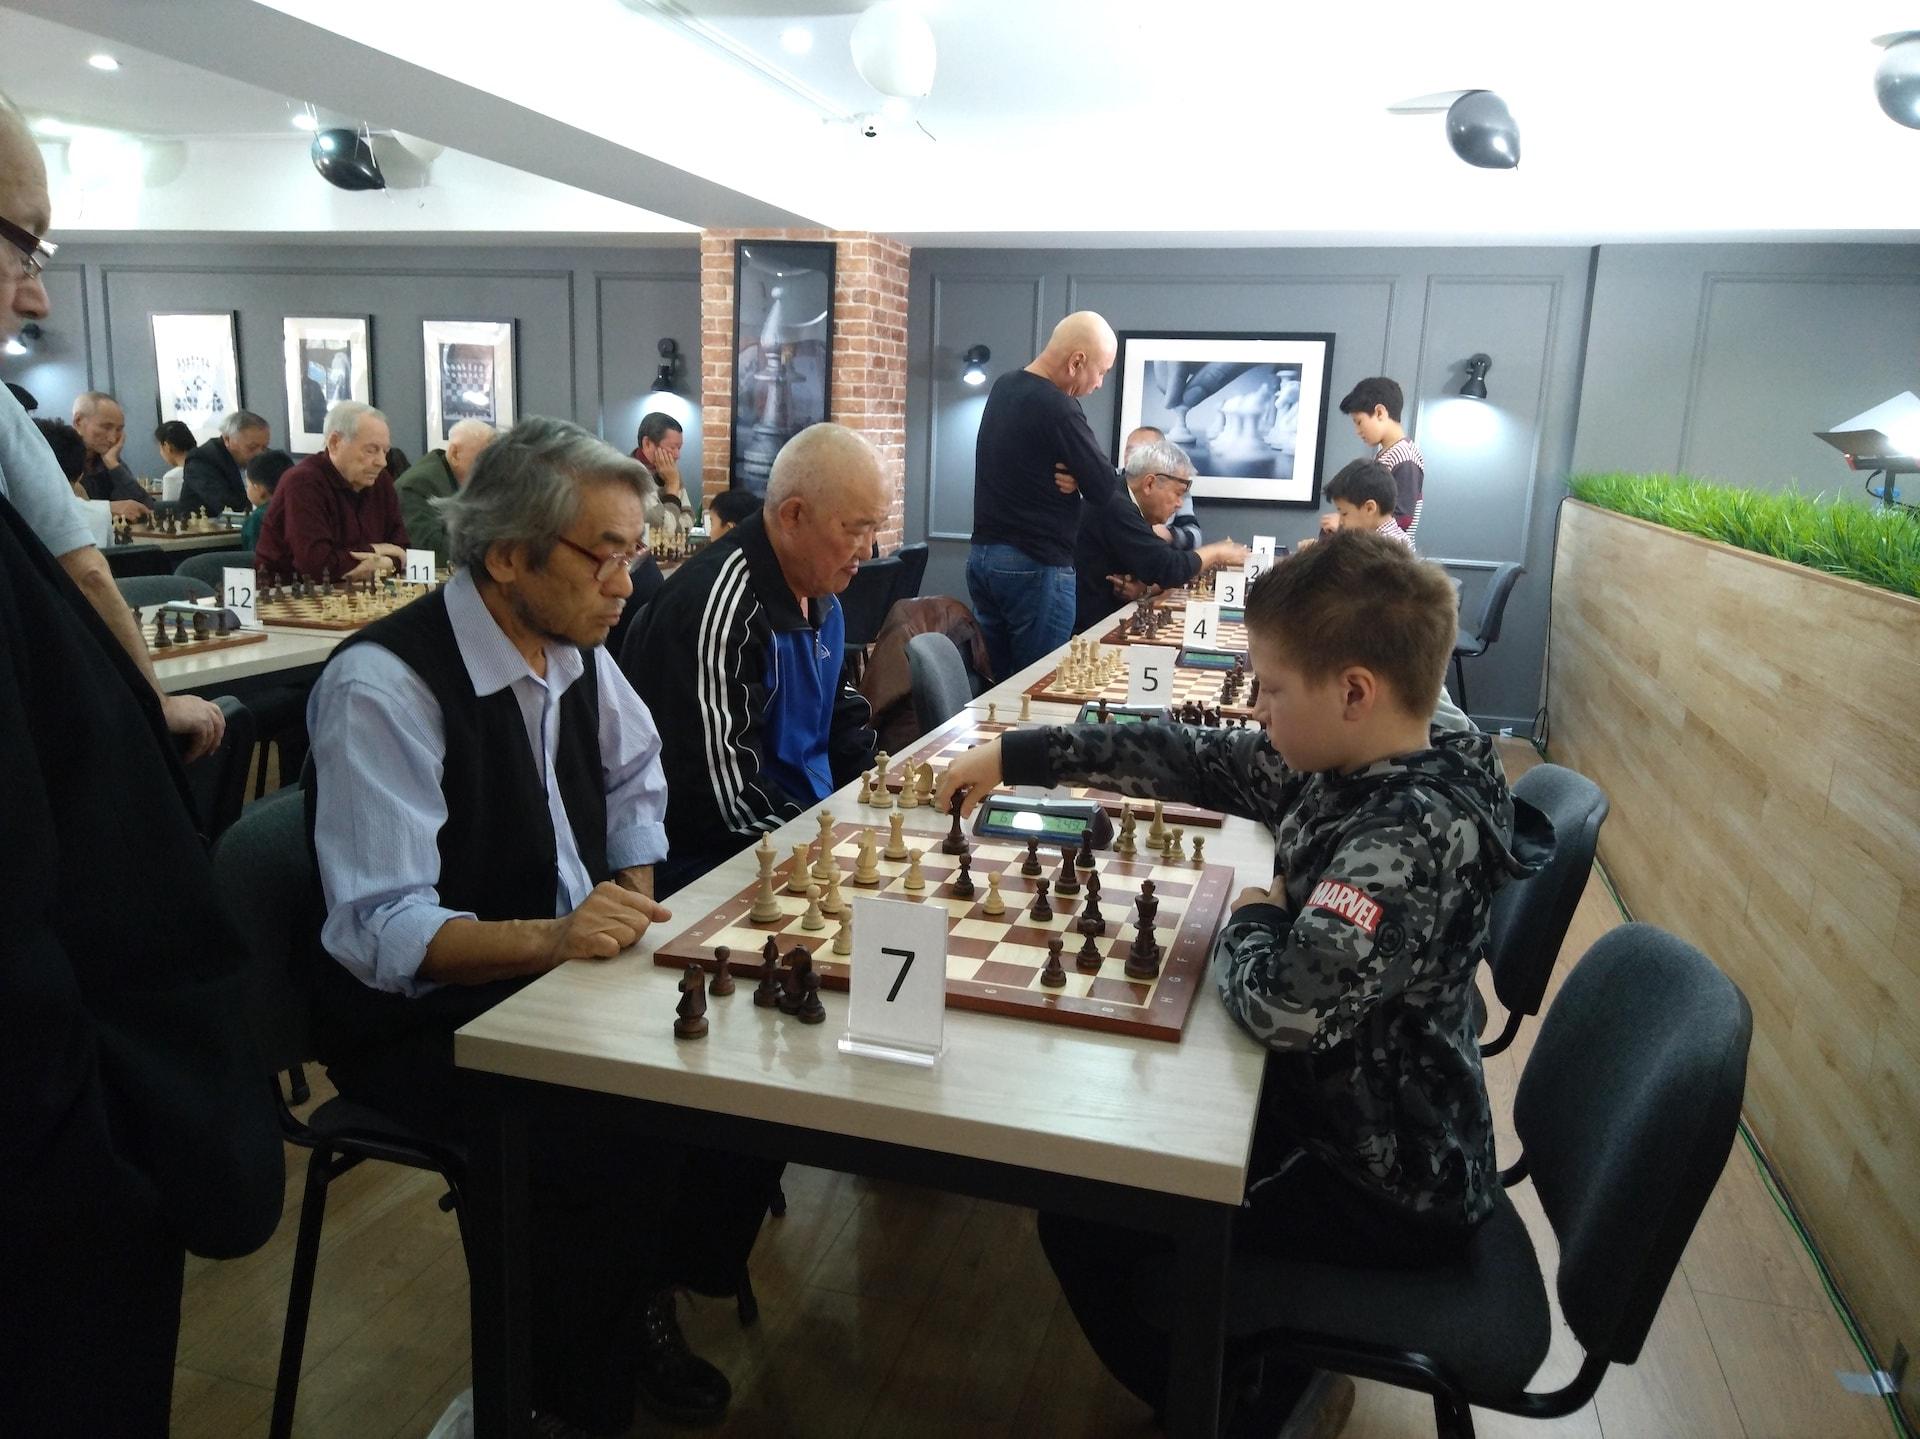 Шахматный турнир «Битва поколений 2018» посвященный борьбе с инсультом